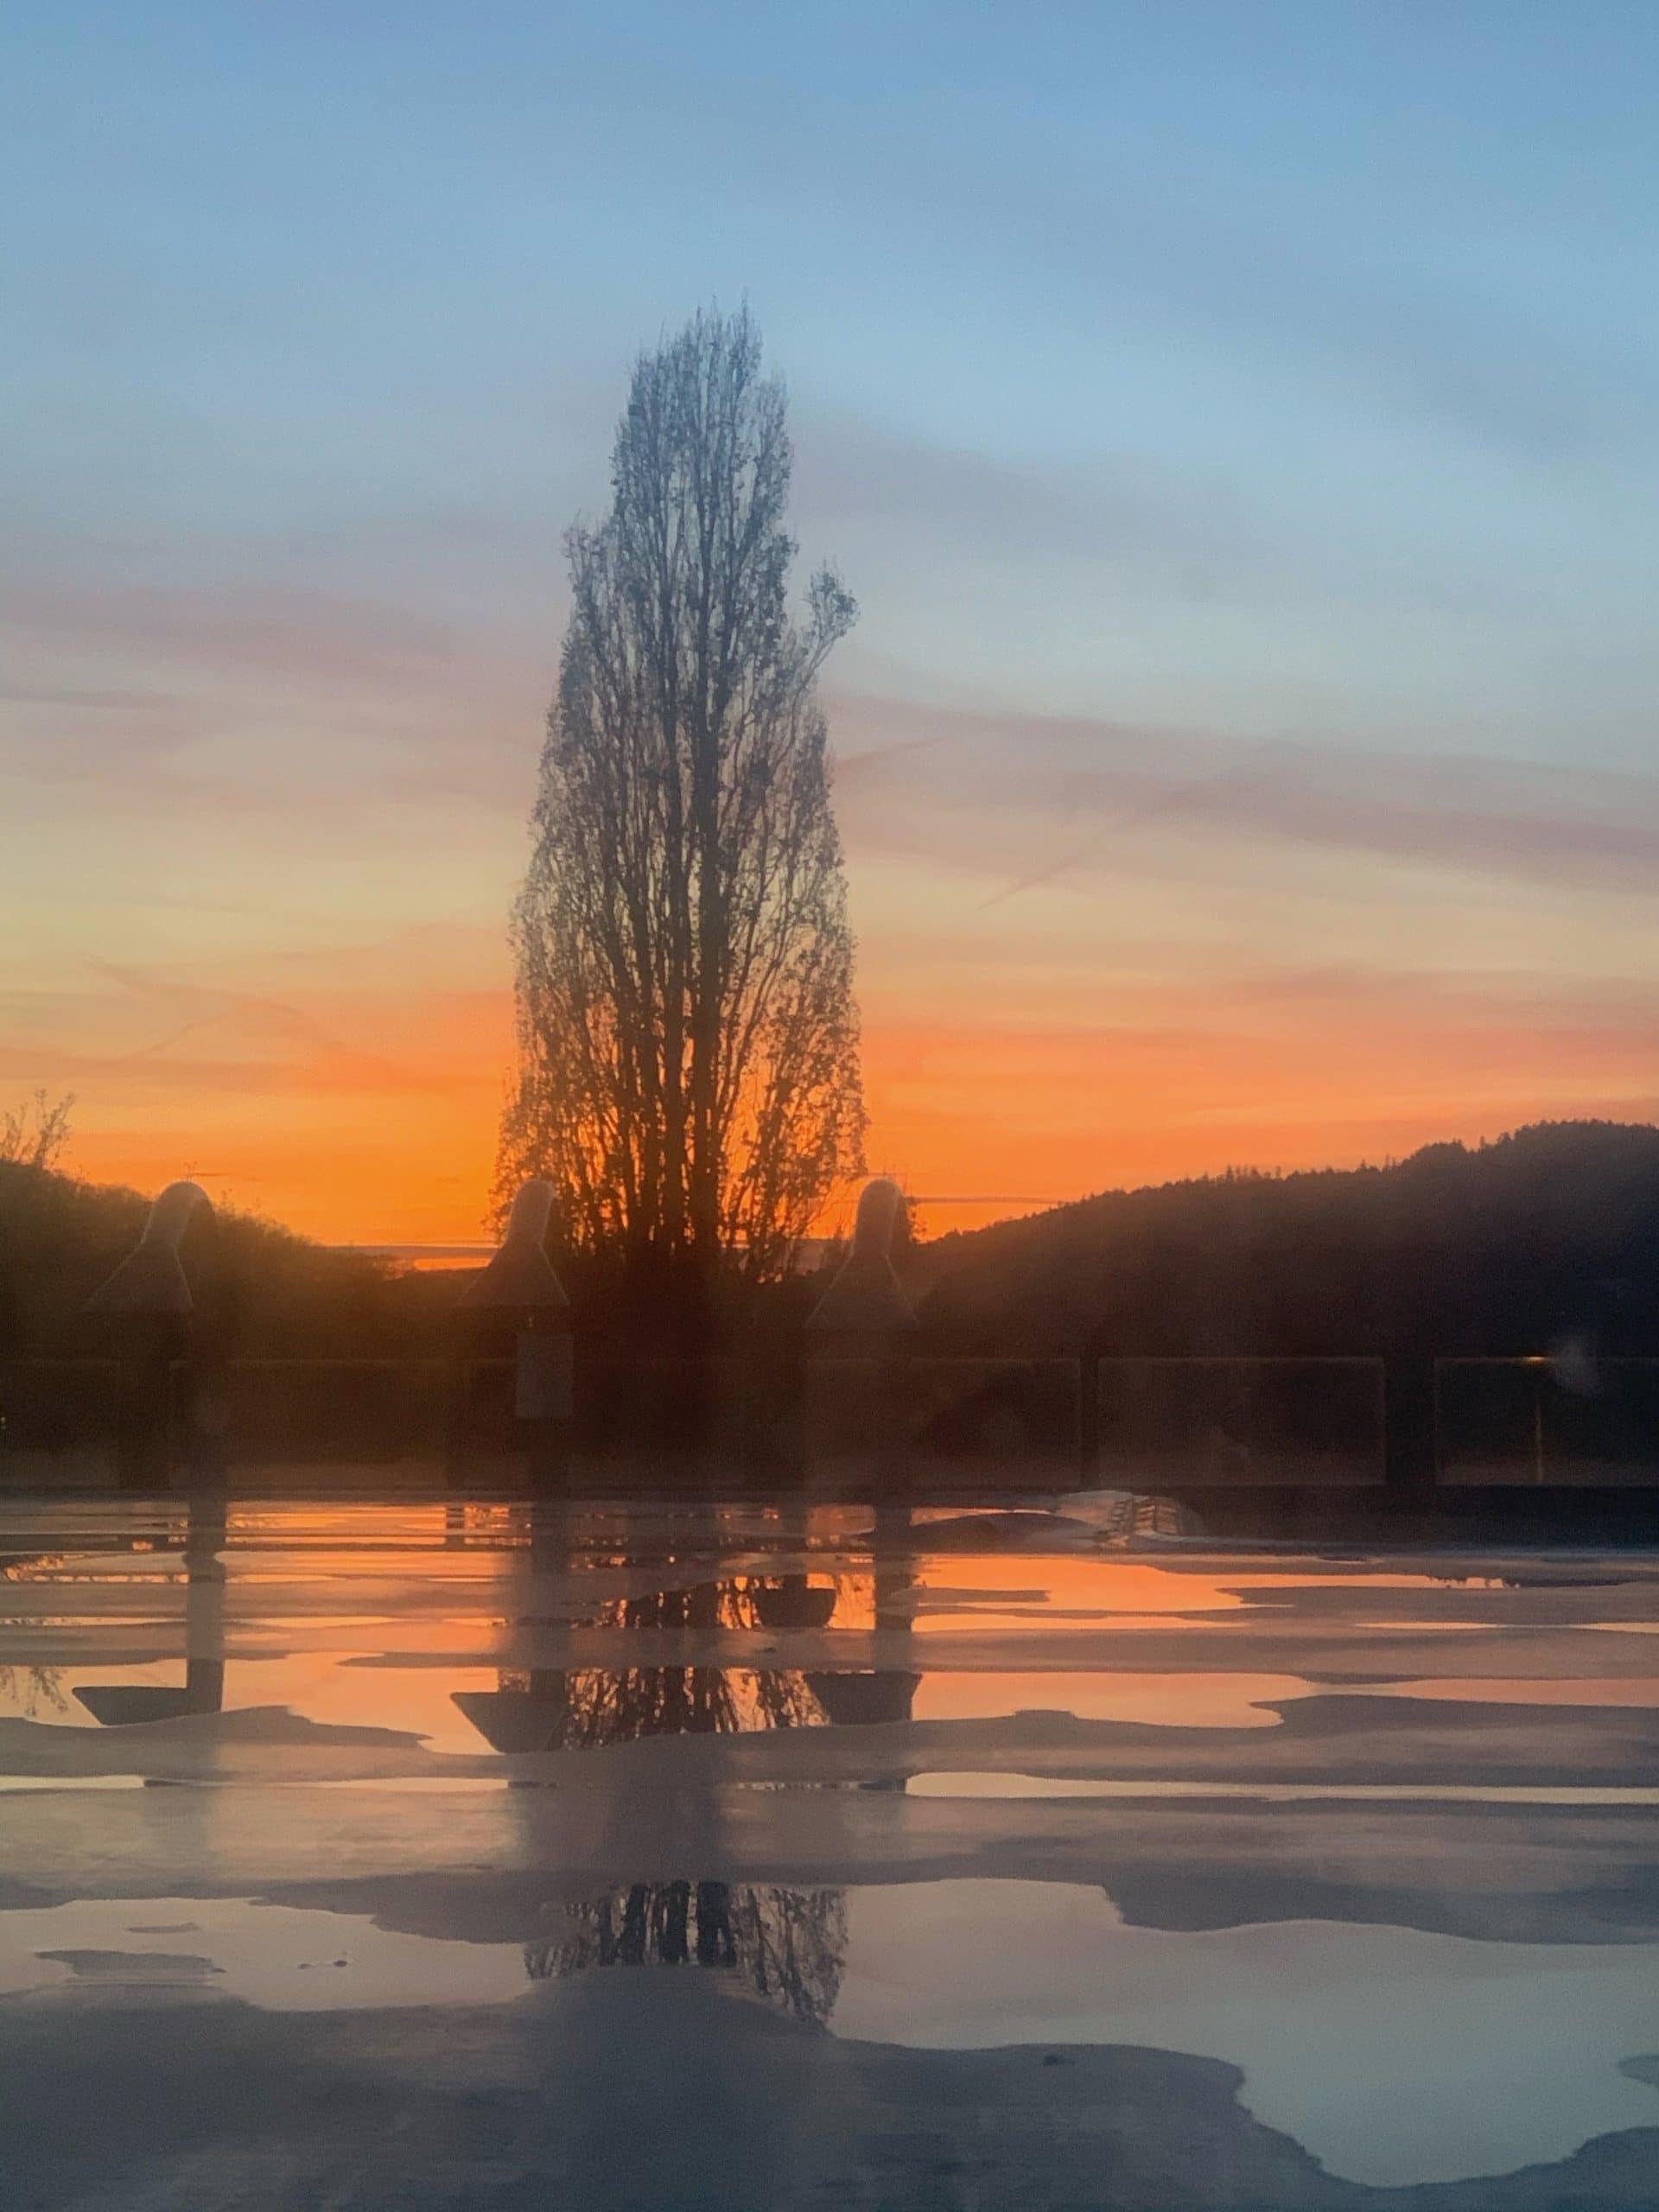 Sonnenuntergang kahler Baum vor blassblauem orangefarbenem Himmel, im Vordergrund Wasserfläche mit Eis überzogen